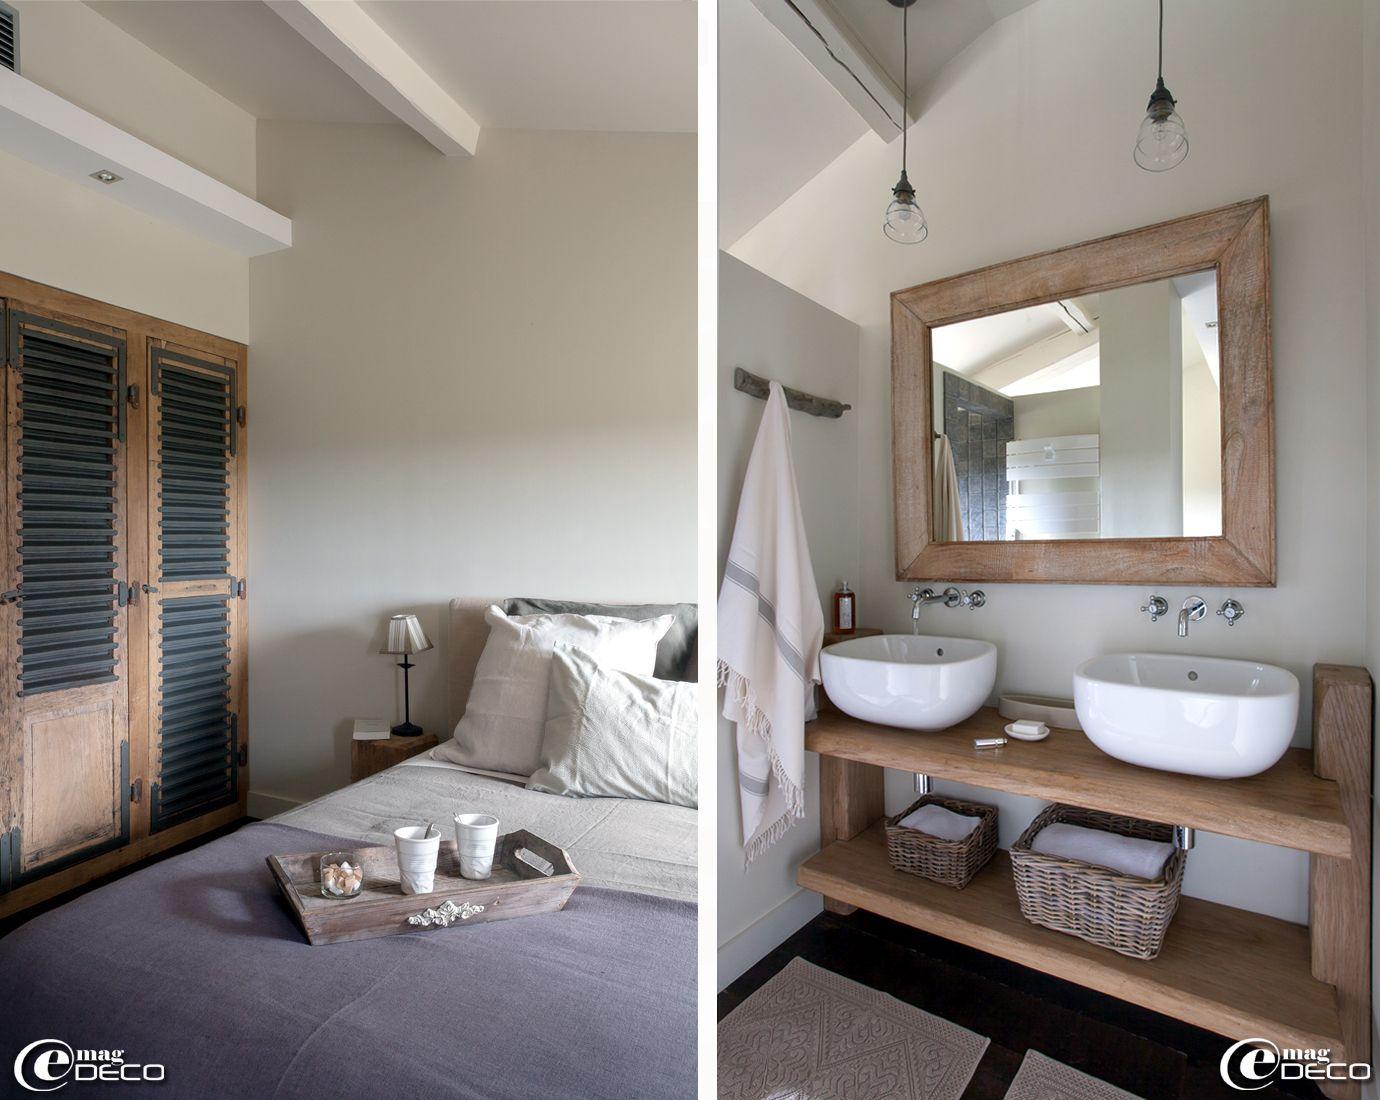 une chambre de la maison d 39 h tes de charme 39 la bergerie de nano 39 placard confectionn partir. Black Bedroom Furniture Sets. Home Design Ideas